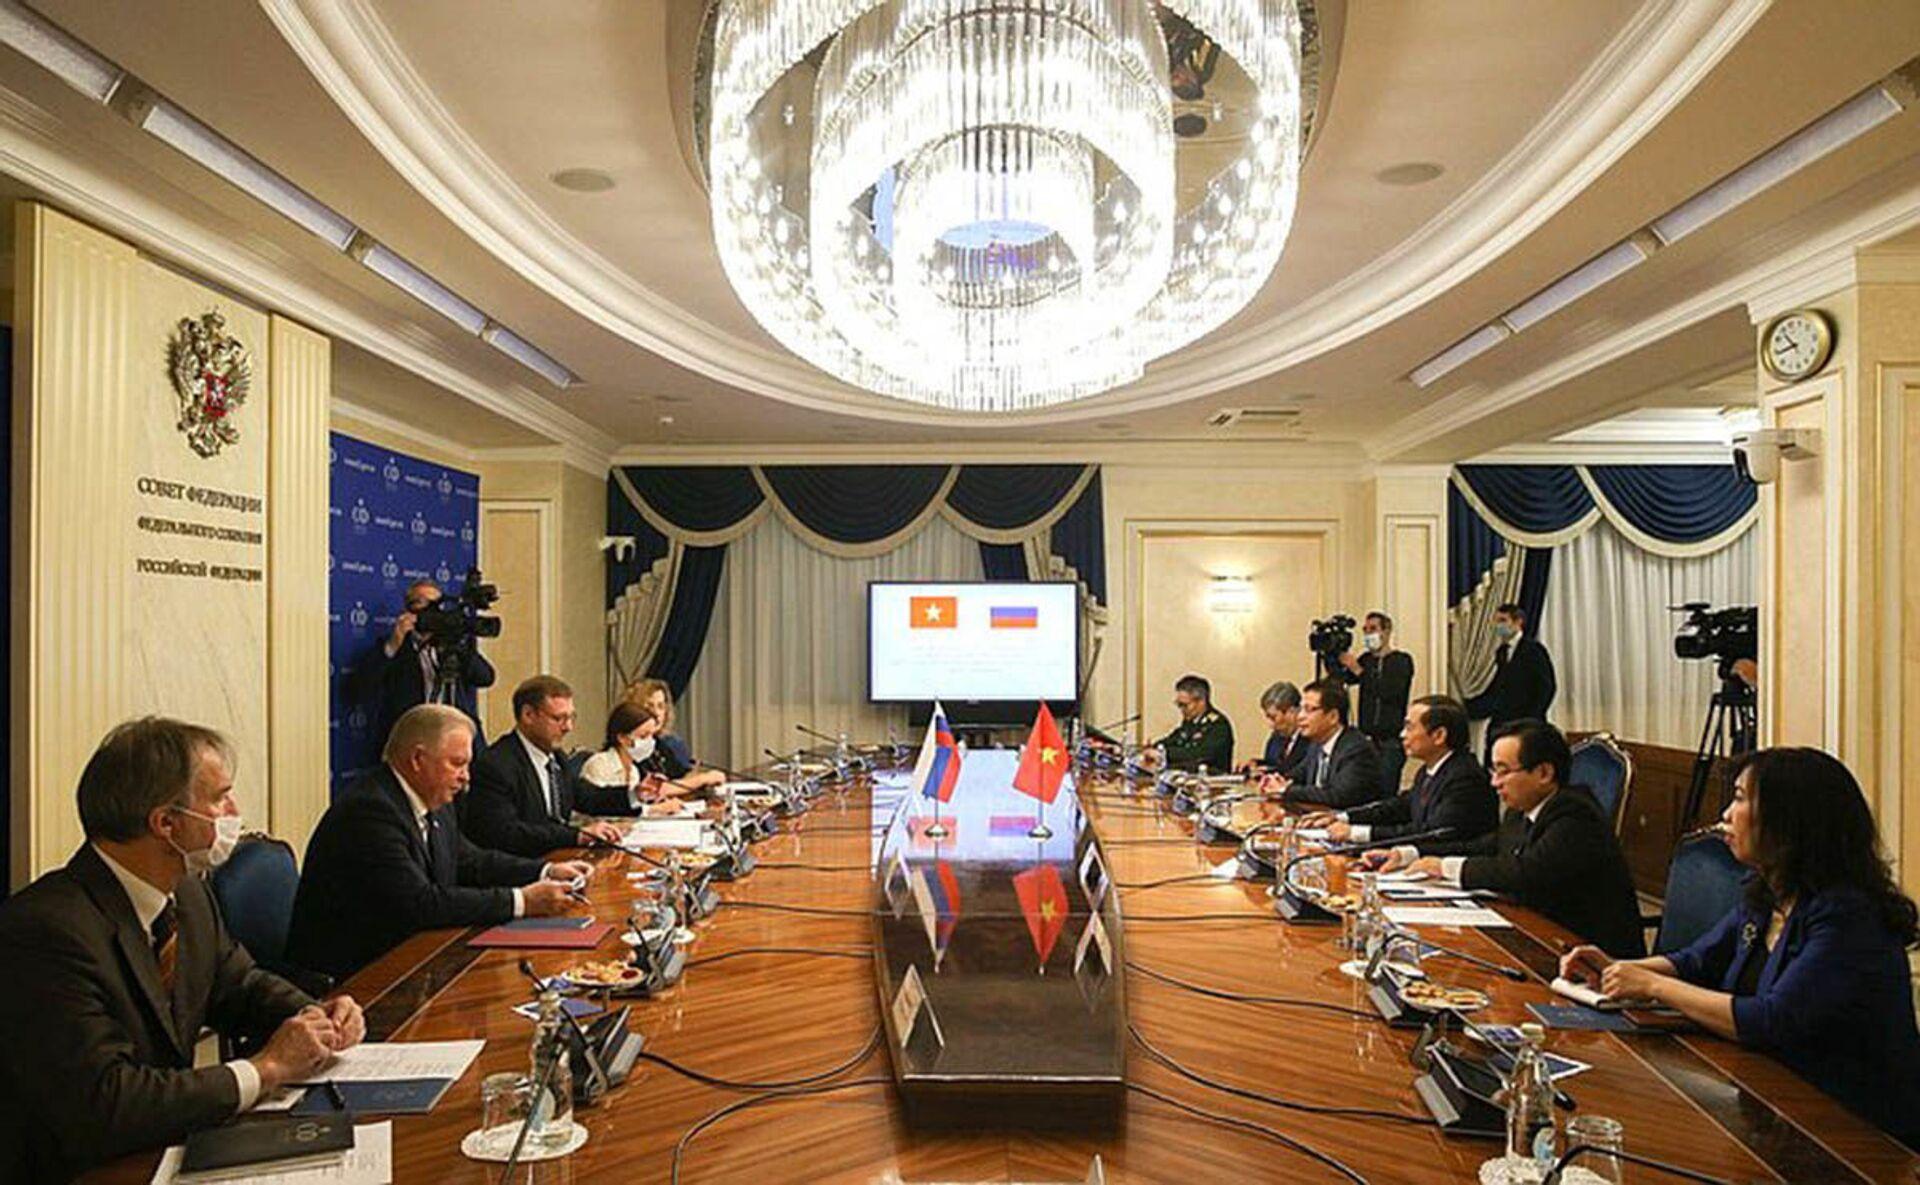 Cuộc gặp giữa Phó Chủ tịch Hội đồng Liên bang (Thương viên Nga) Konstantin Kosachev và Bộ trưởng Bộ Ngoại giao Việt Nam Bùi Thanh Sơn - Sputnik Việt Nam, 1920, 05.10.2021